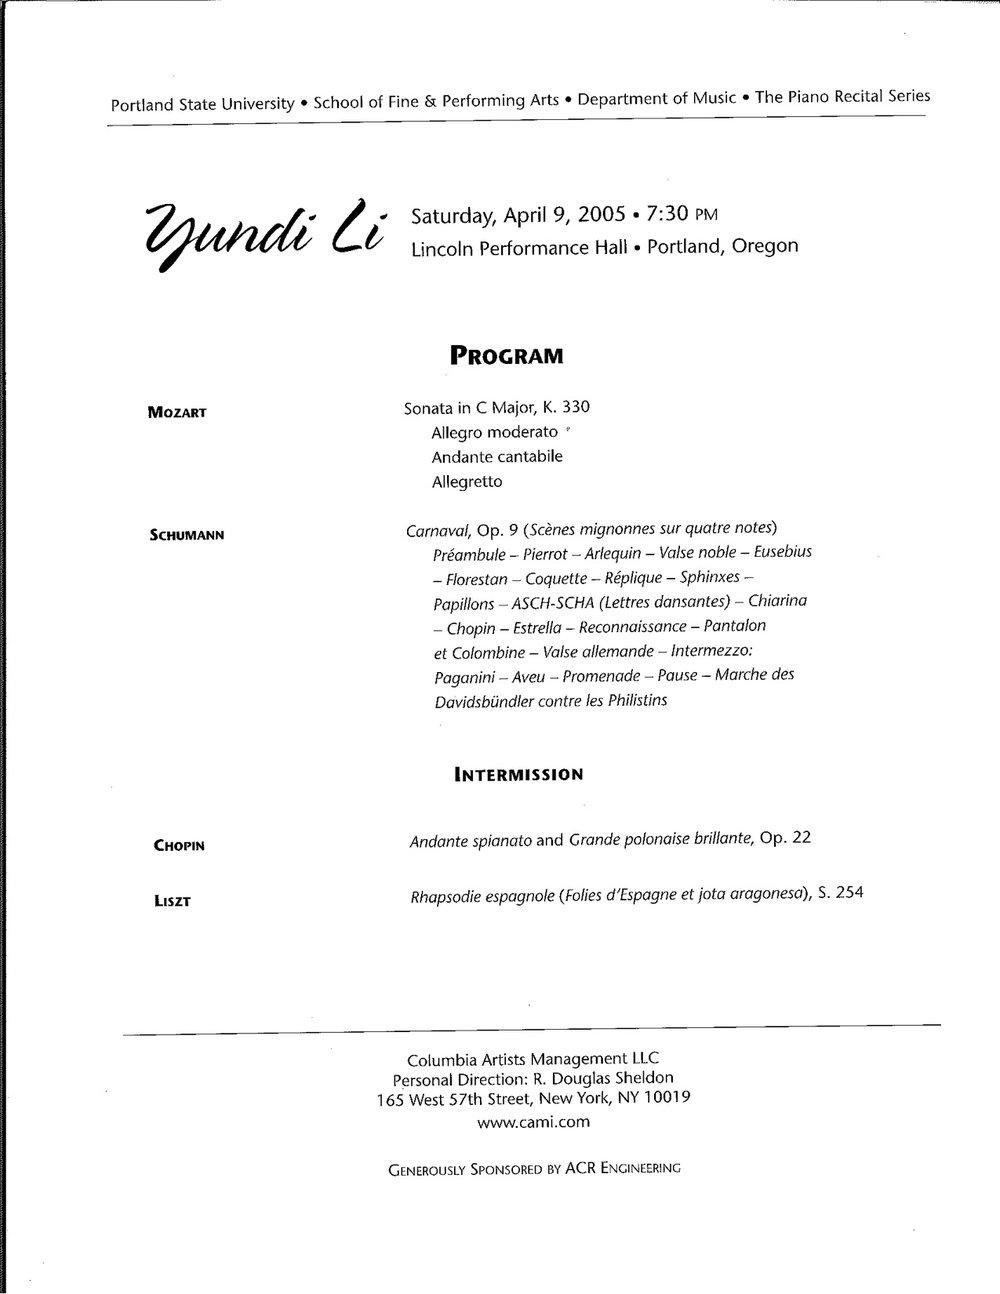 YundiLi04-05_Program2.jpg